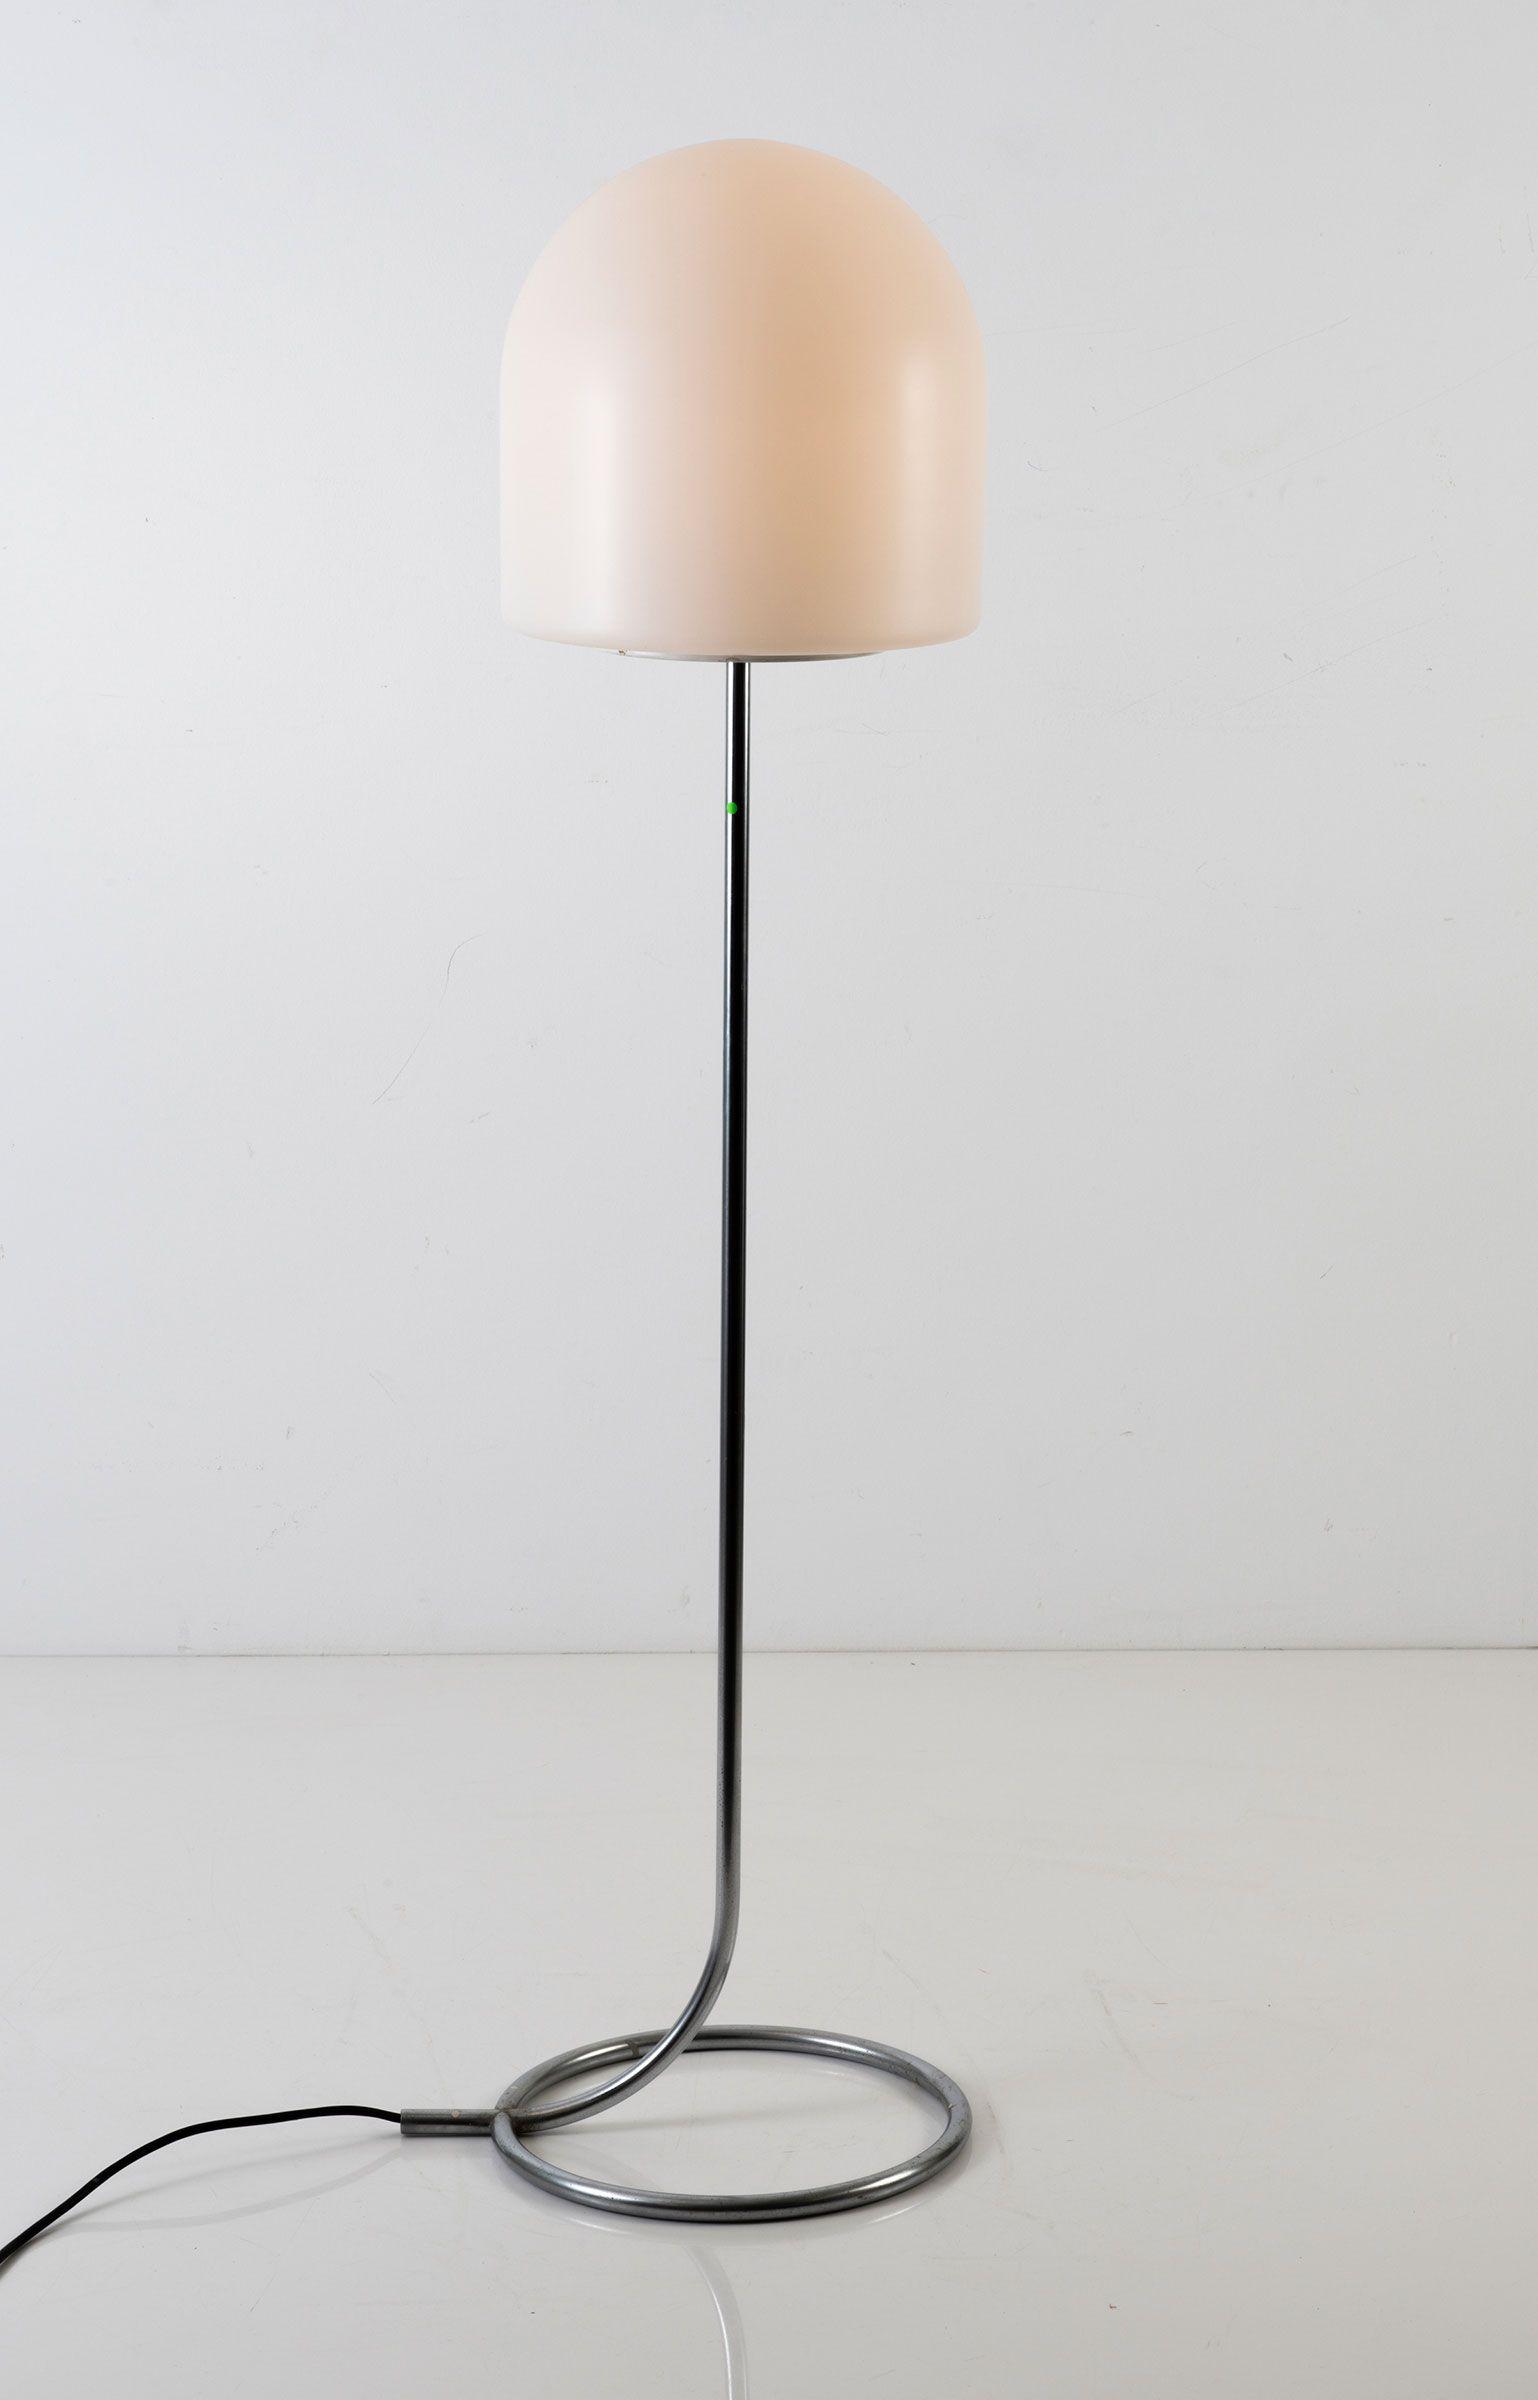 Aldo van den Nieuwelaar; Chromed Metal A250 Floor Lamp for